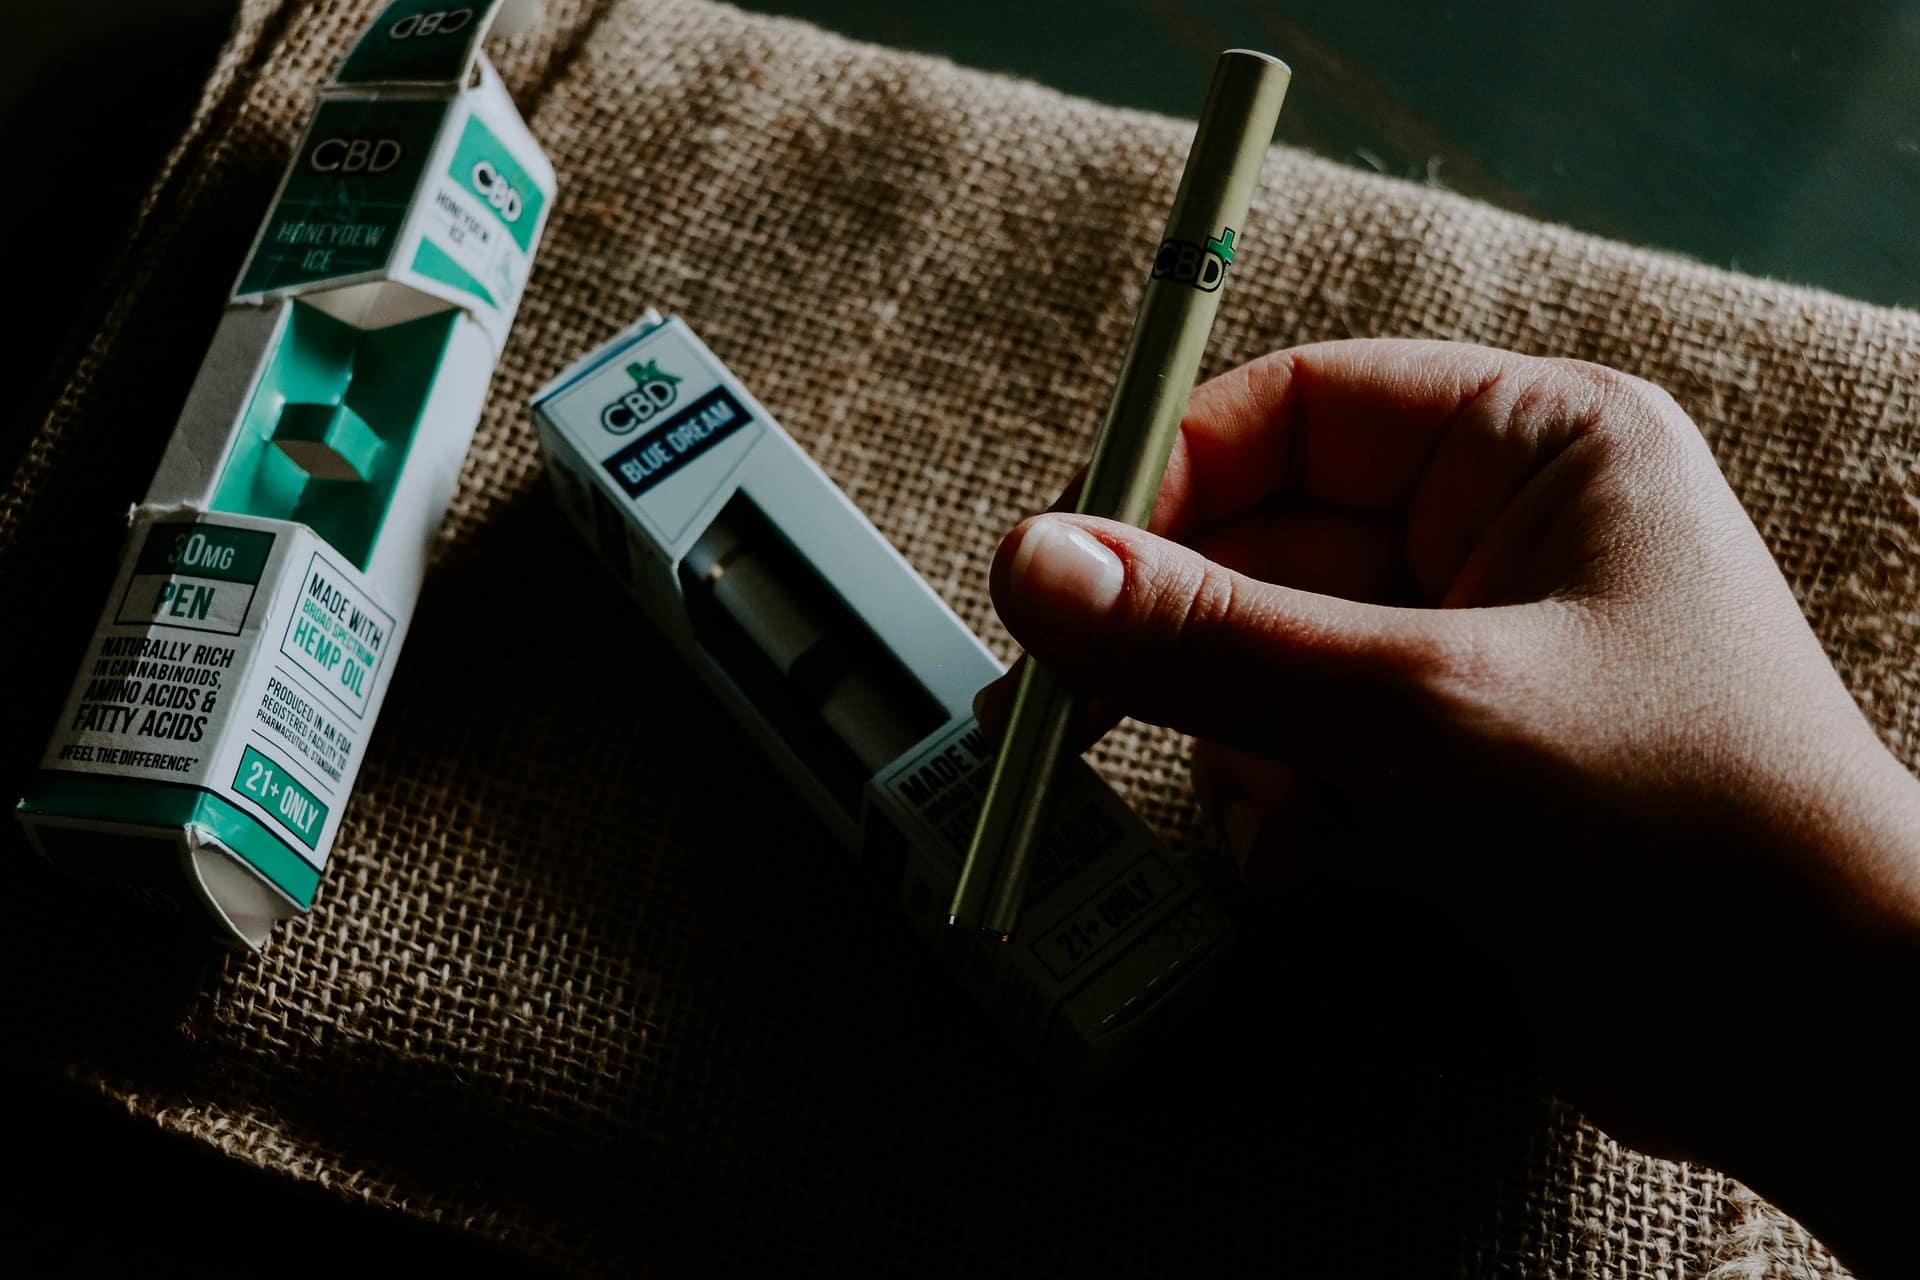 Le CBD, allié du fumeur dans son parcours de sevrage tabagique